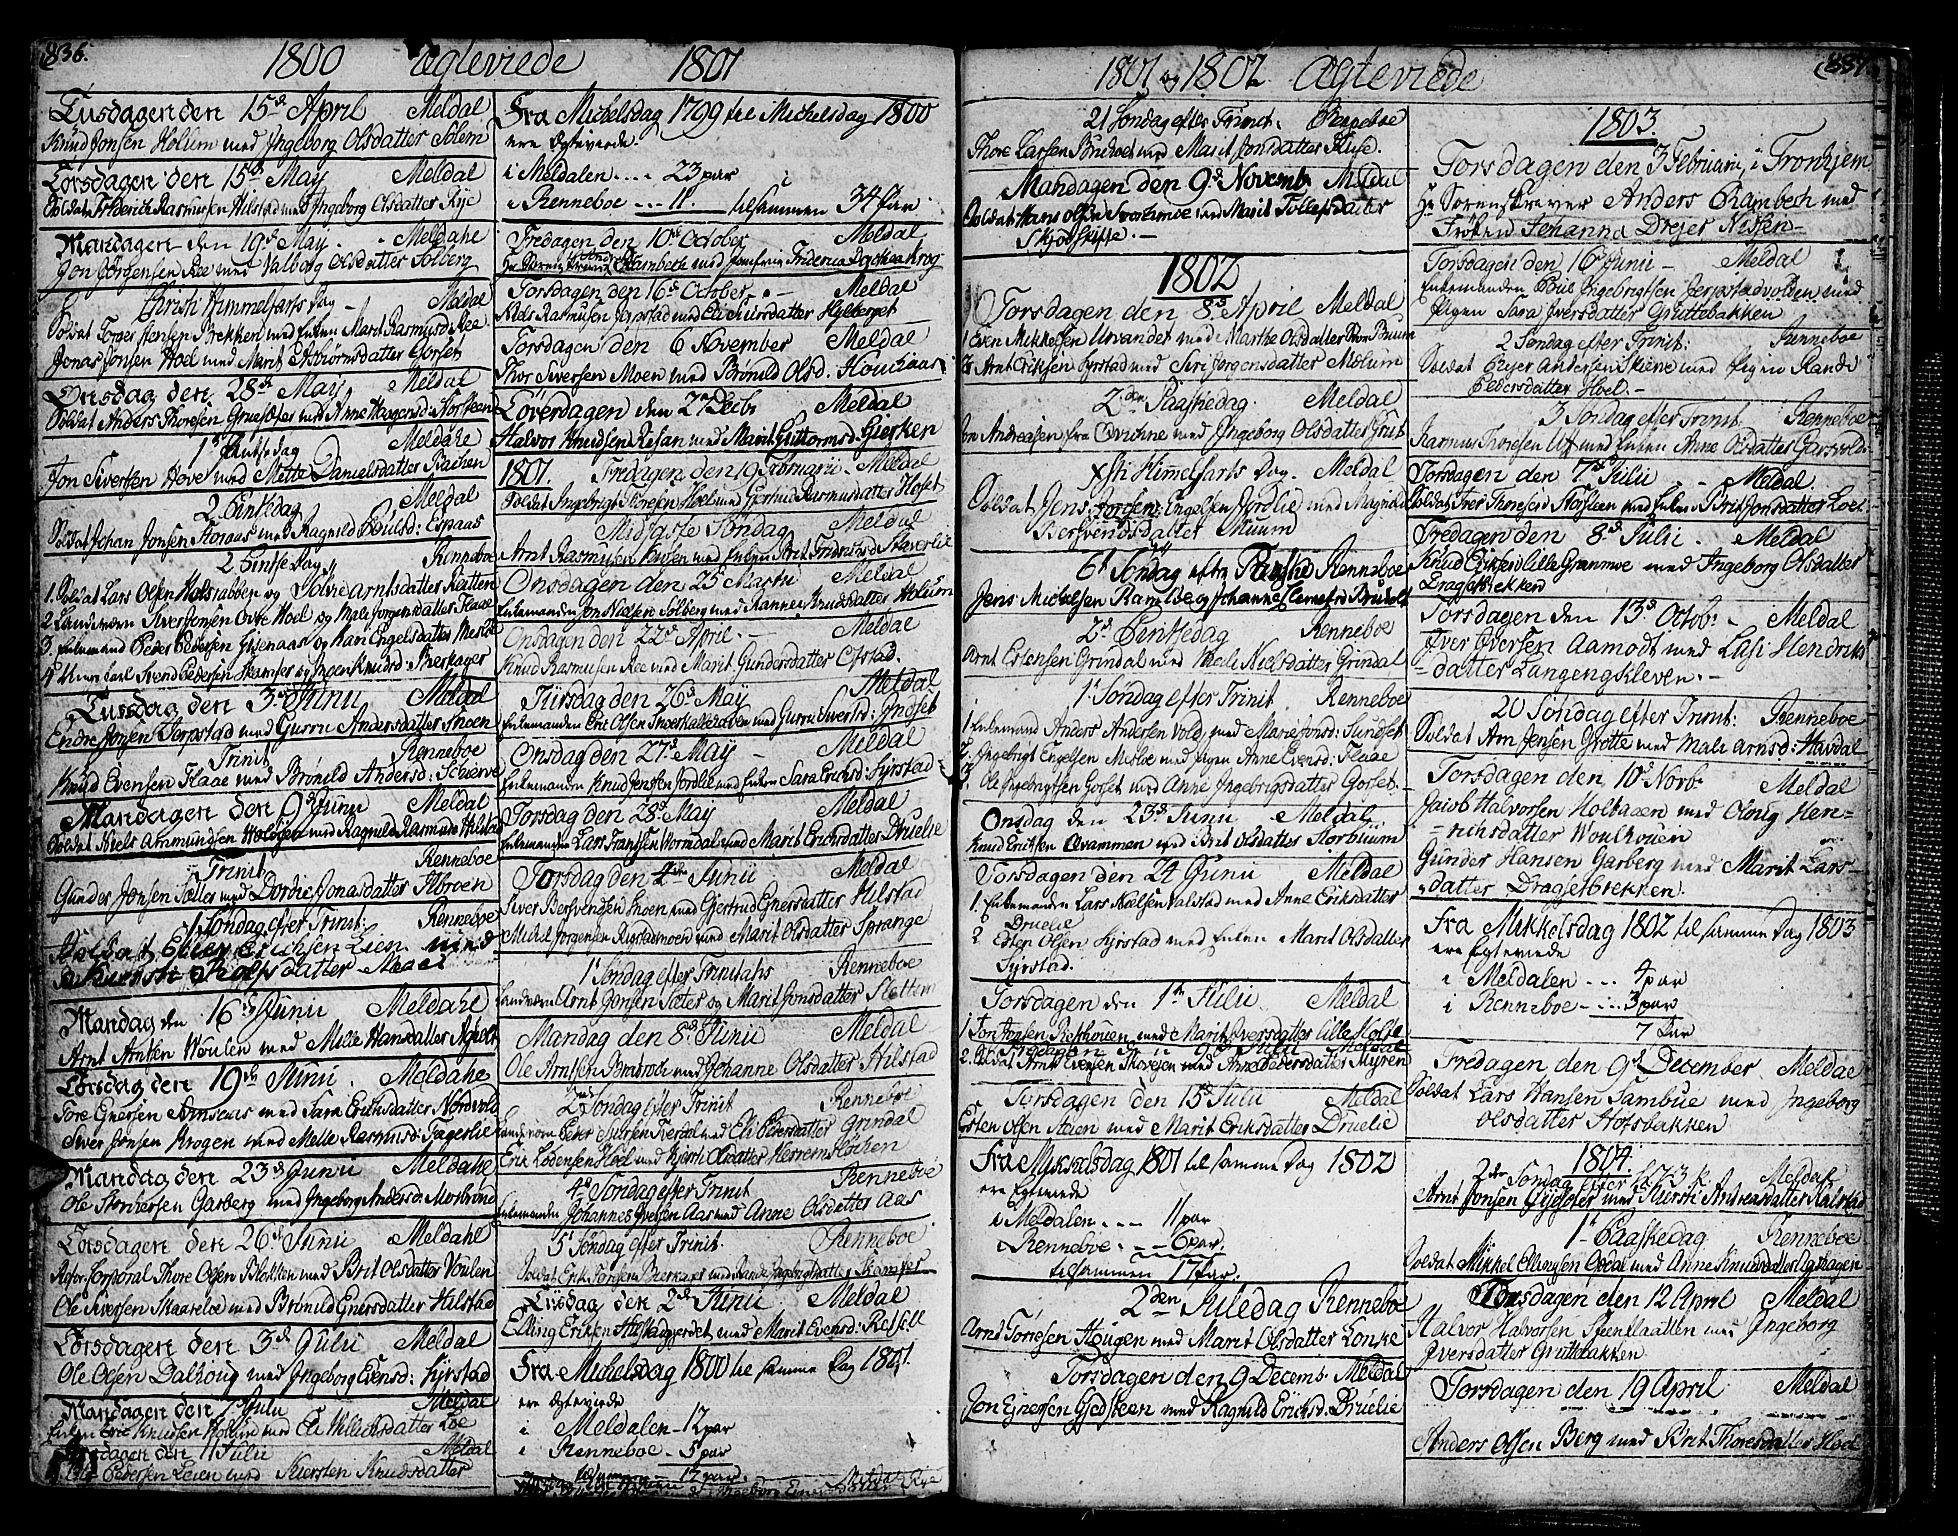 SAT, Ministerialprotokoller, klokkerbøker og fødselsregistre - Sør-Trøndelag, 672/L0852: Ministerialbok nr. 672A05, 1776-1815, s. 836-837